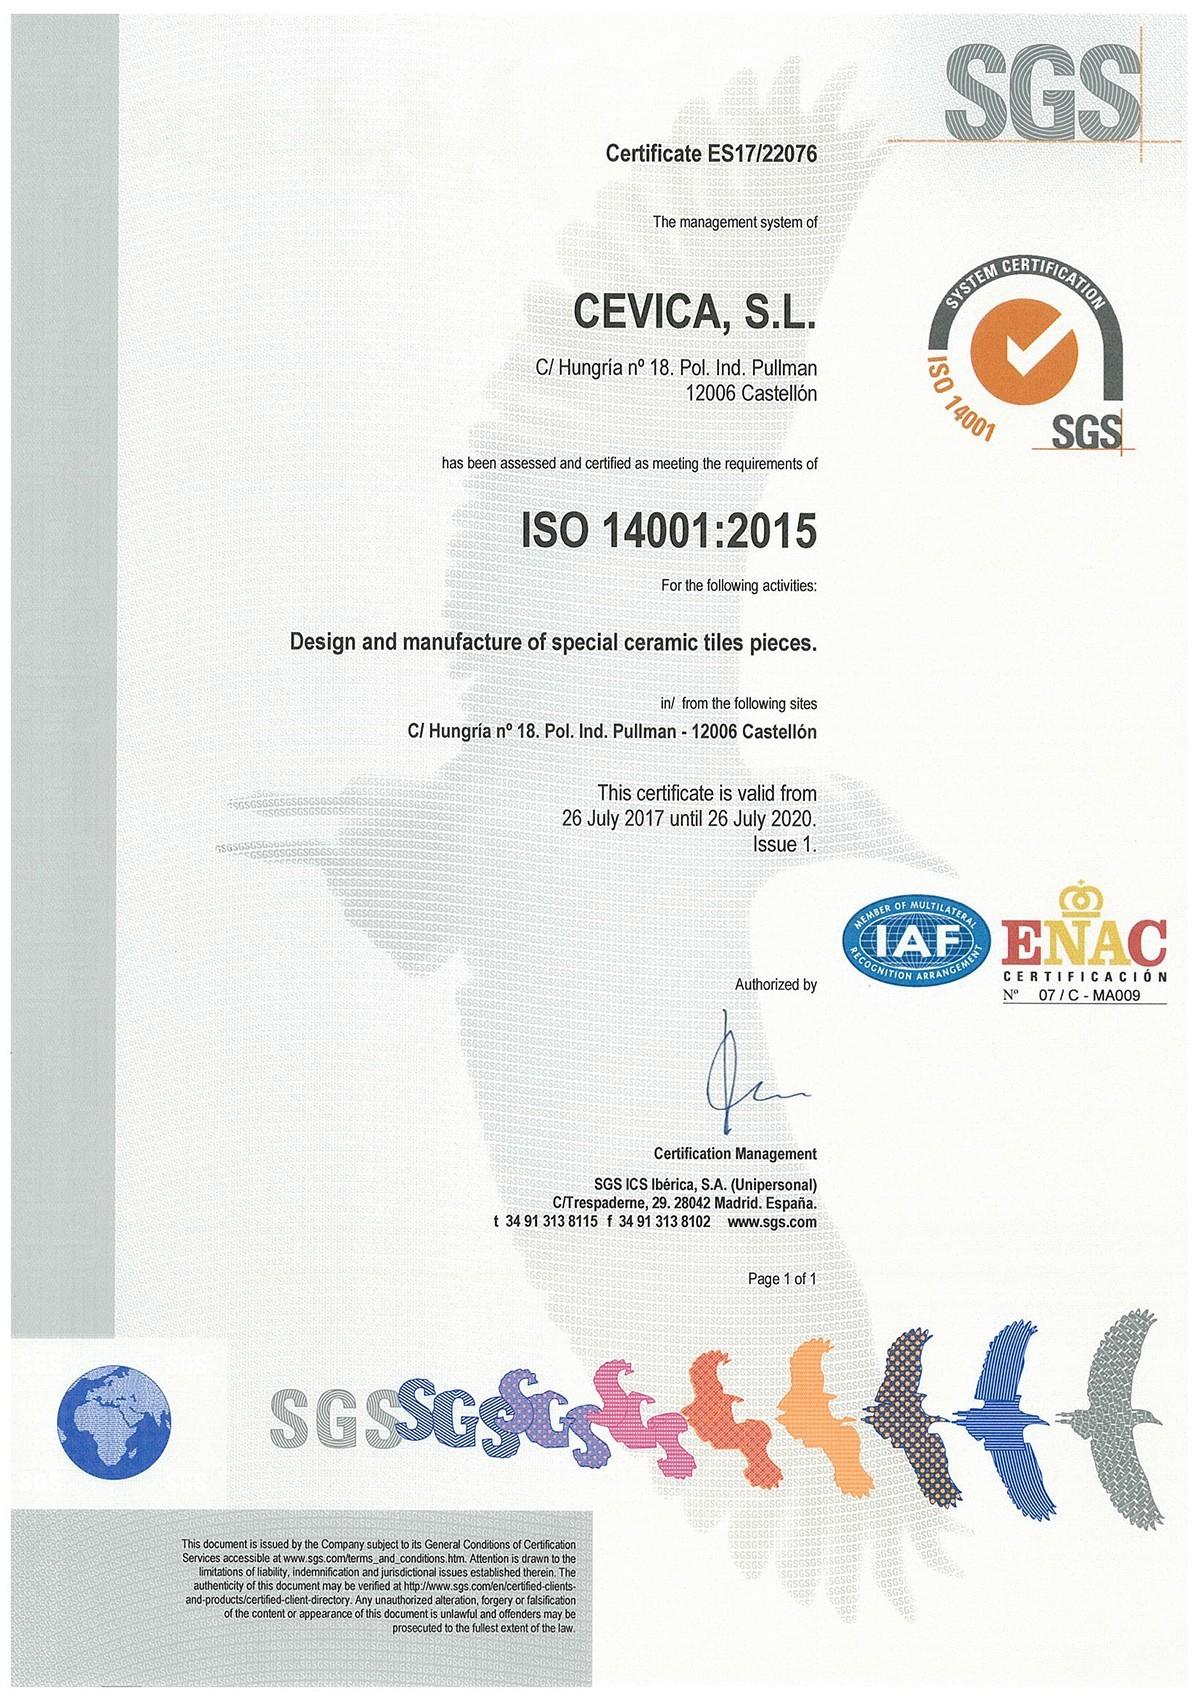 14001 ISO EN CERTIFICATE VALID UNTIL 2020 - CEVICA OBTIENE LA CERTIFICACION INTERNACIONAL ISO 14001:2015 POR LA BUENA GESTION MEDIOAMBIENTAL